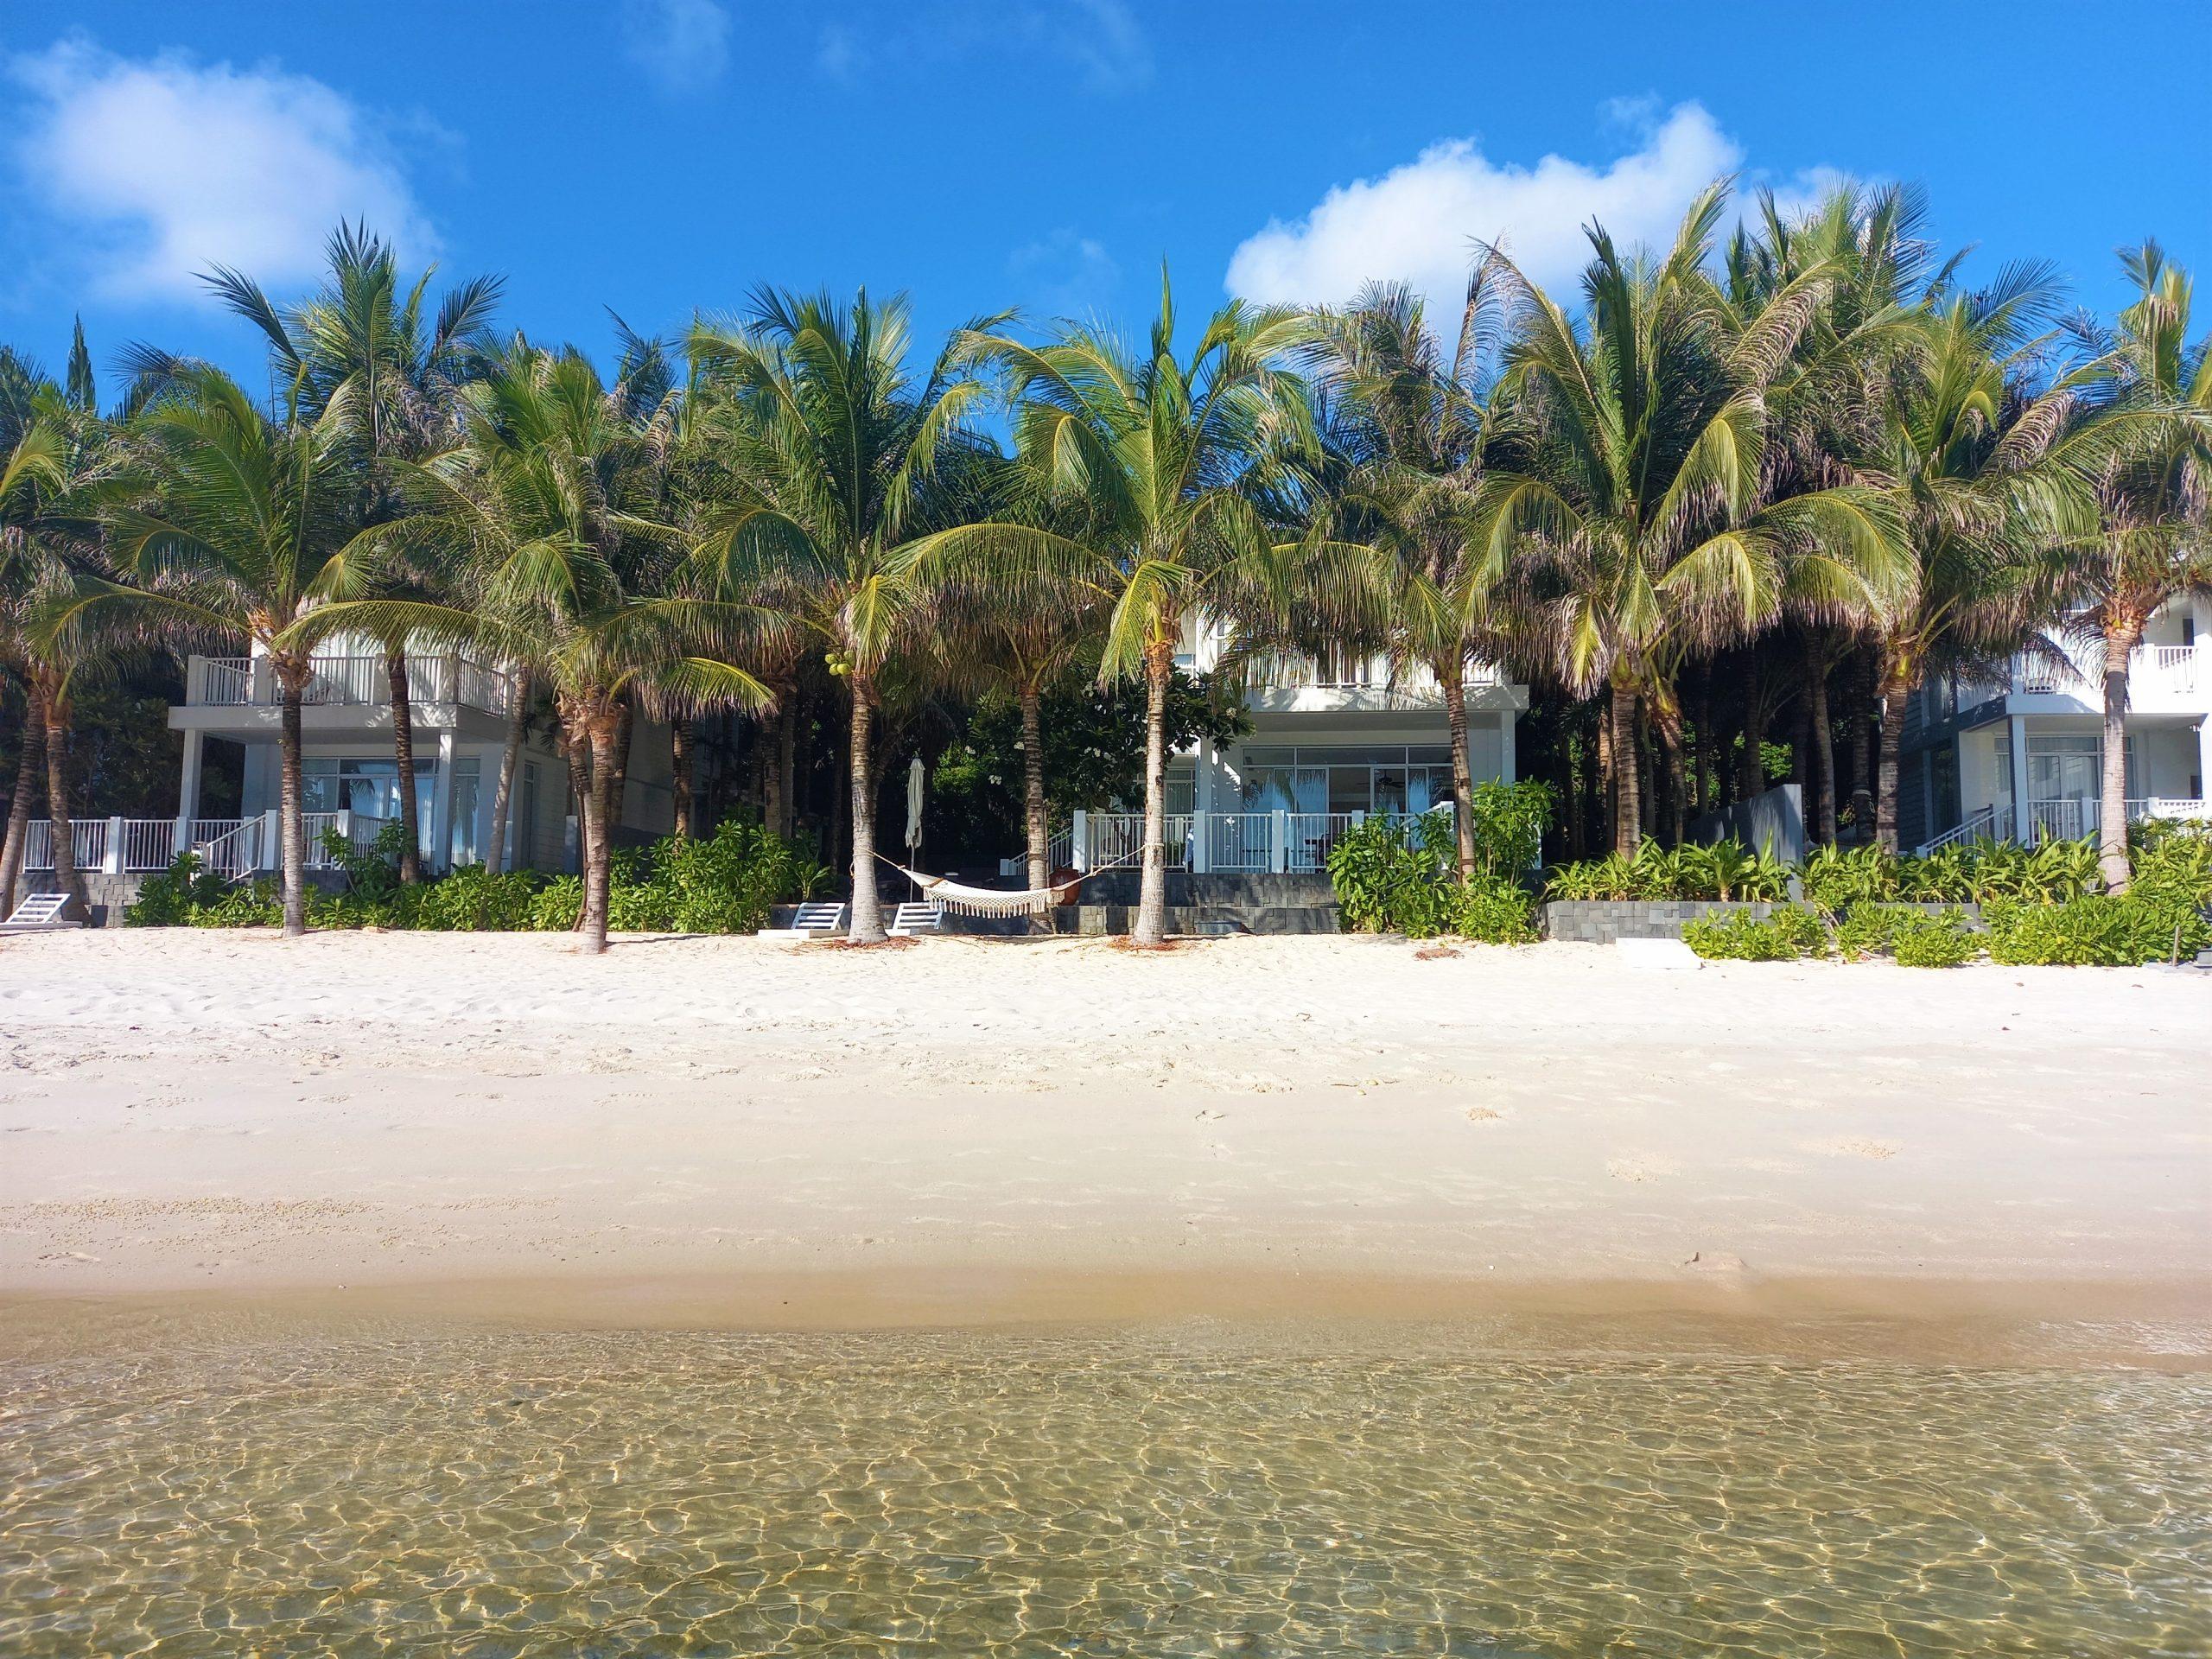 East beach, Premier Village Resort, Phu Quoc Island, Vietnam